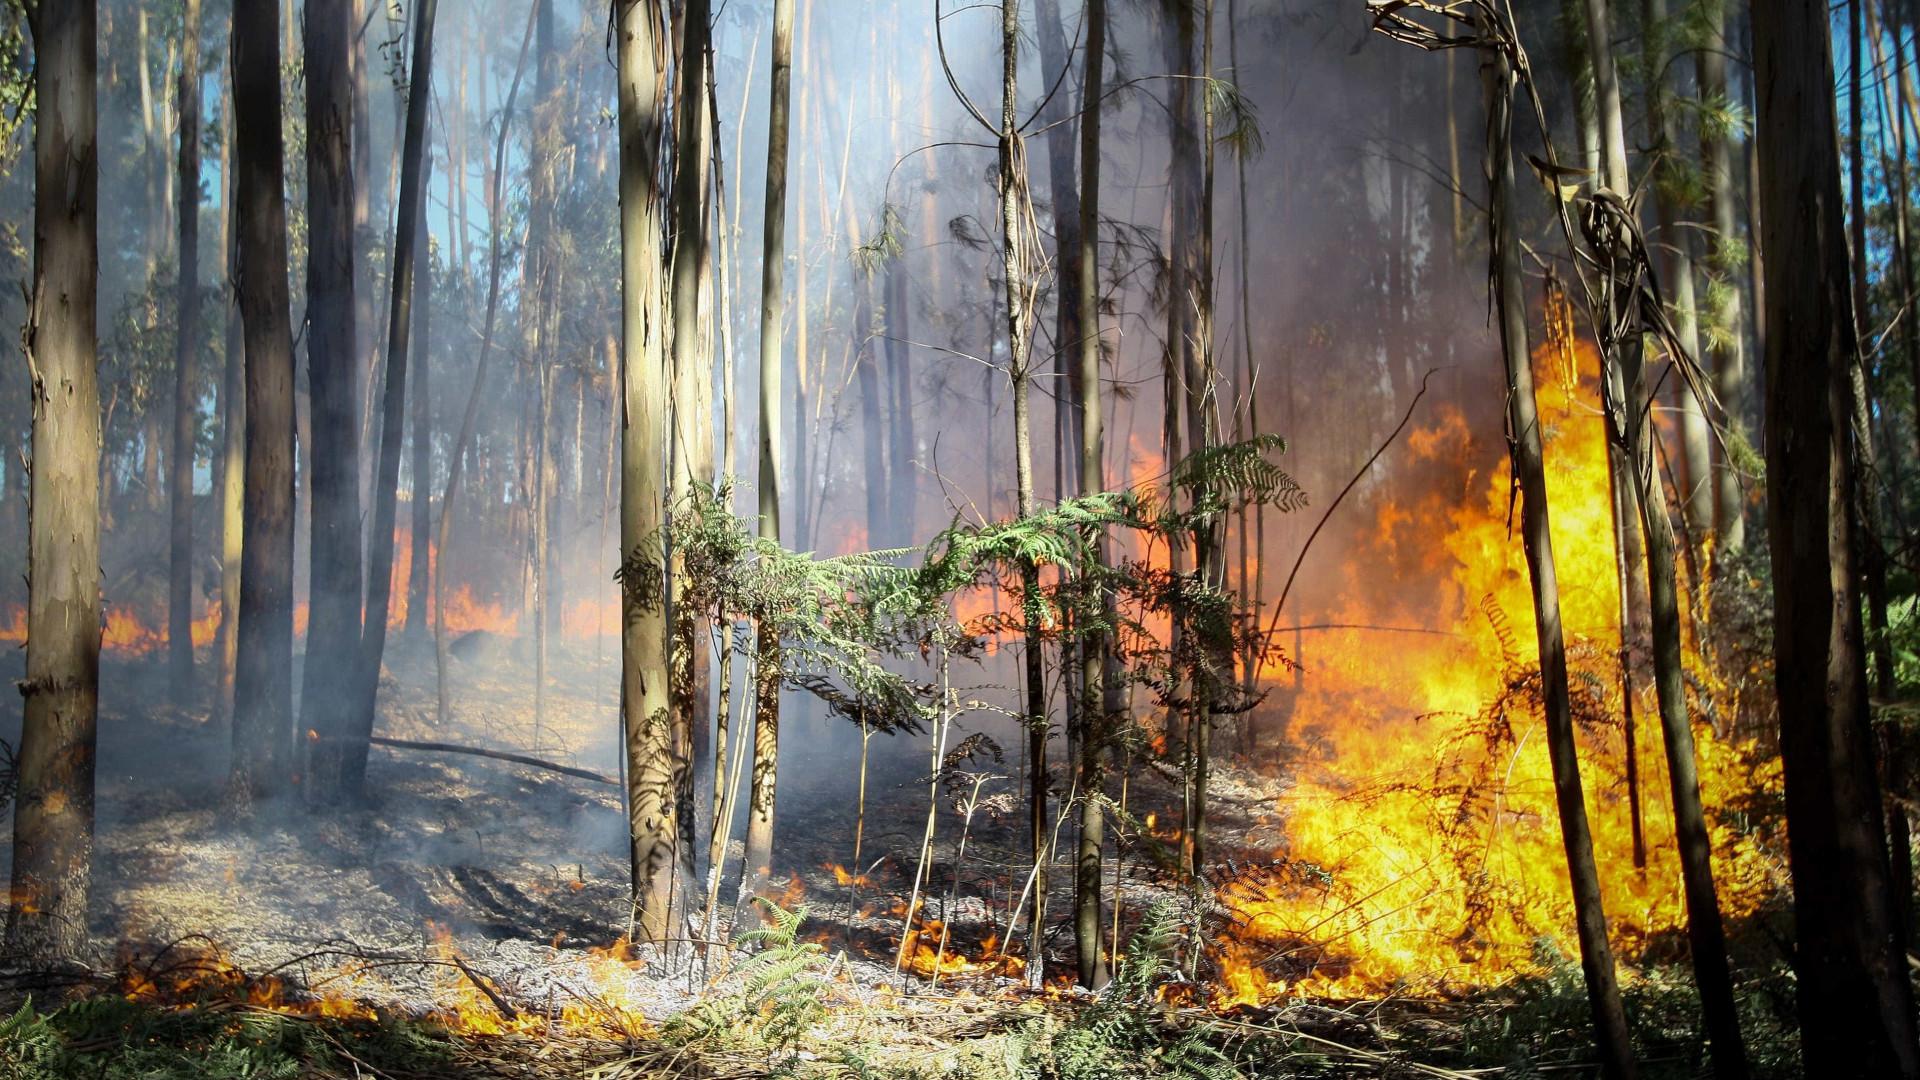 Dezoito concelhos do continente em risco máximo de incêndio